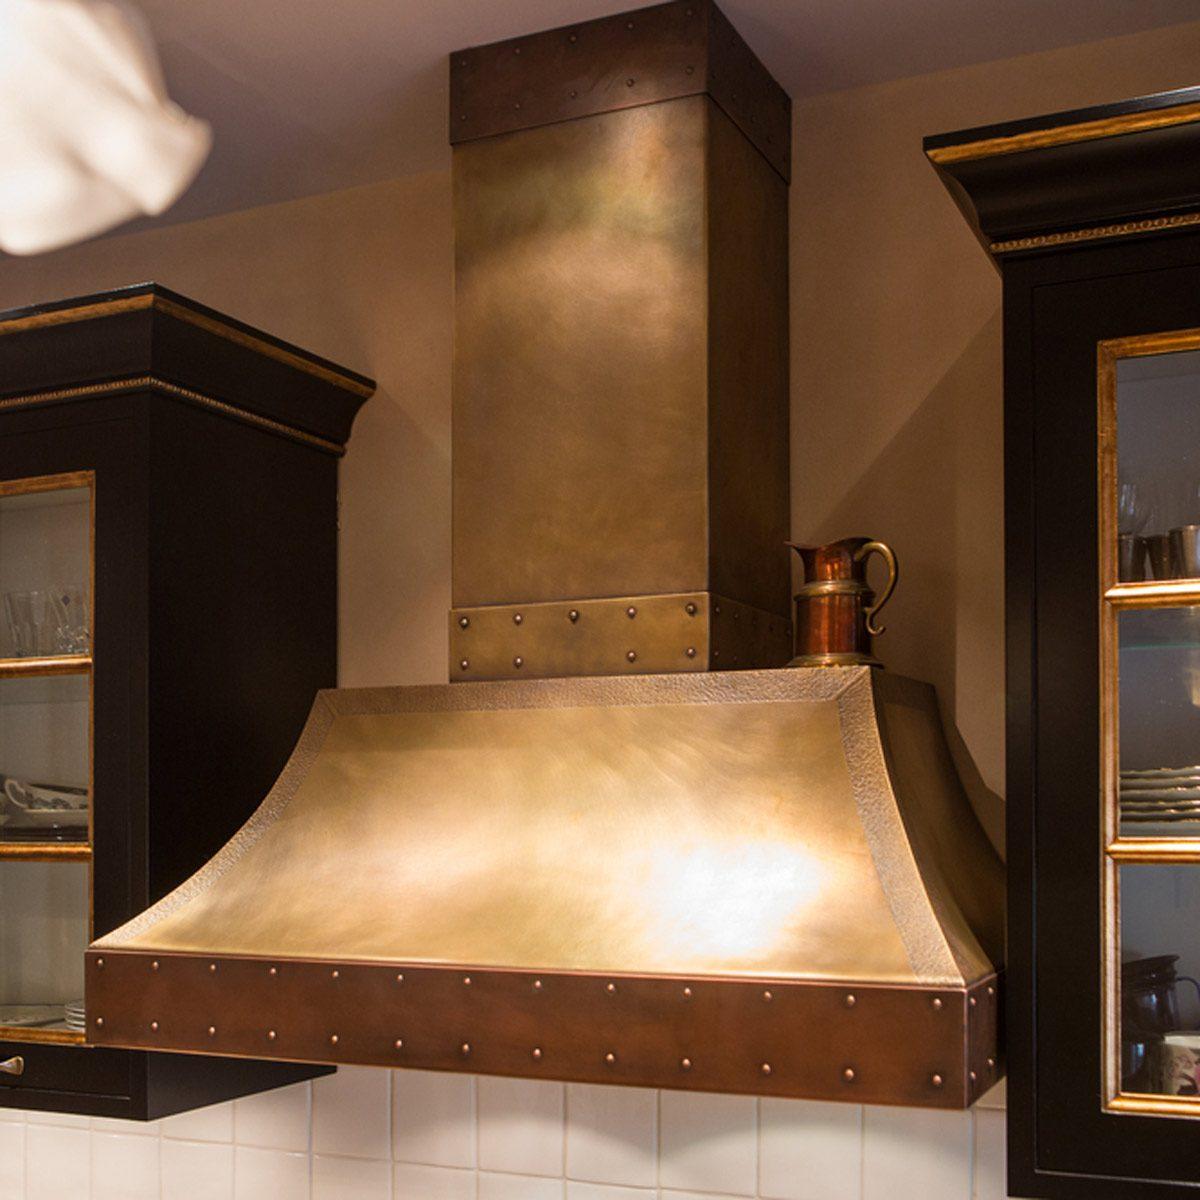 metal kitchen vent hood